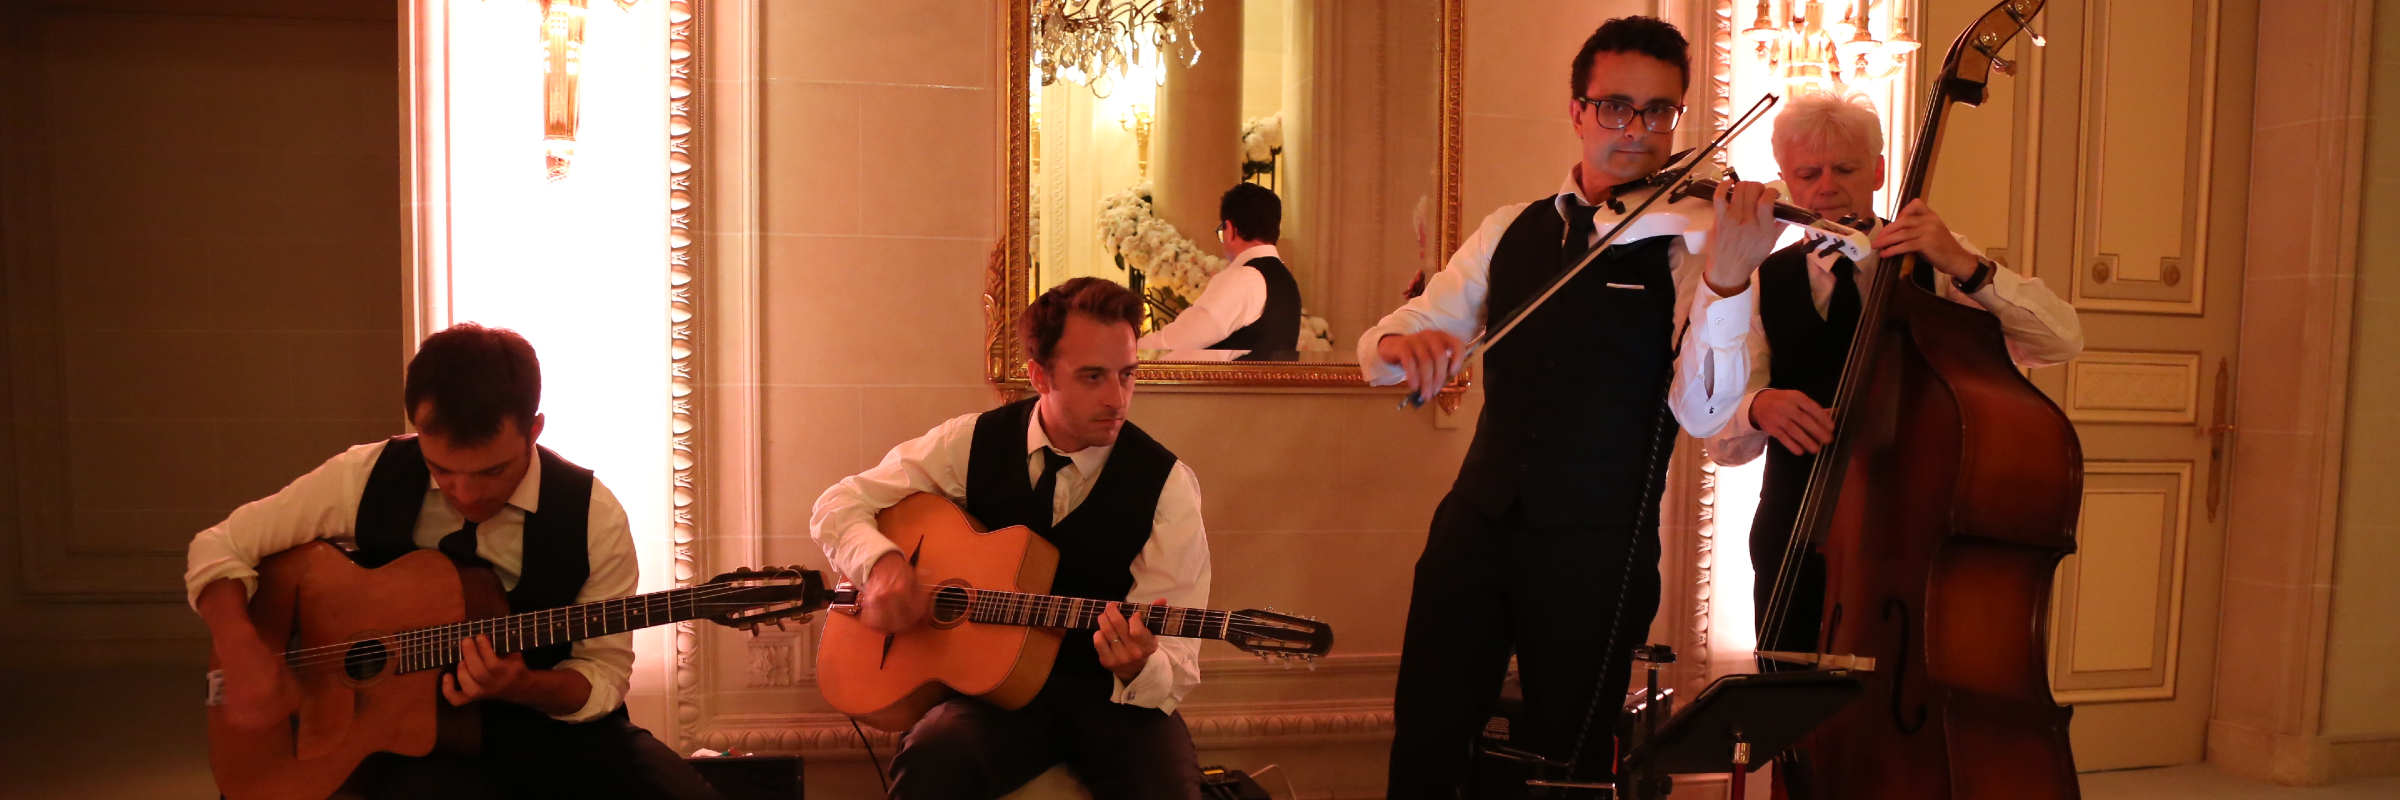 Just for Cab', musicien Guitariste en représentation à Paris - photo de couverture n° 2